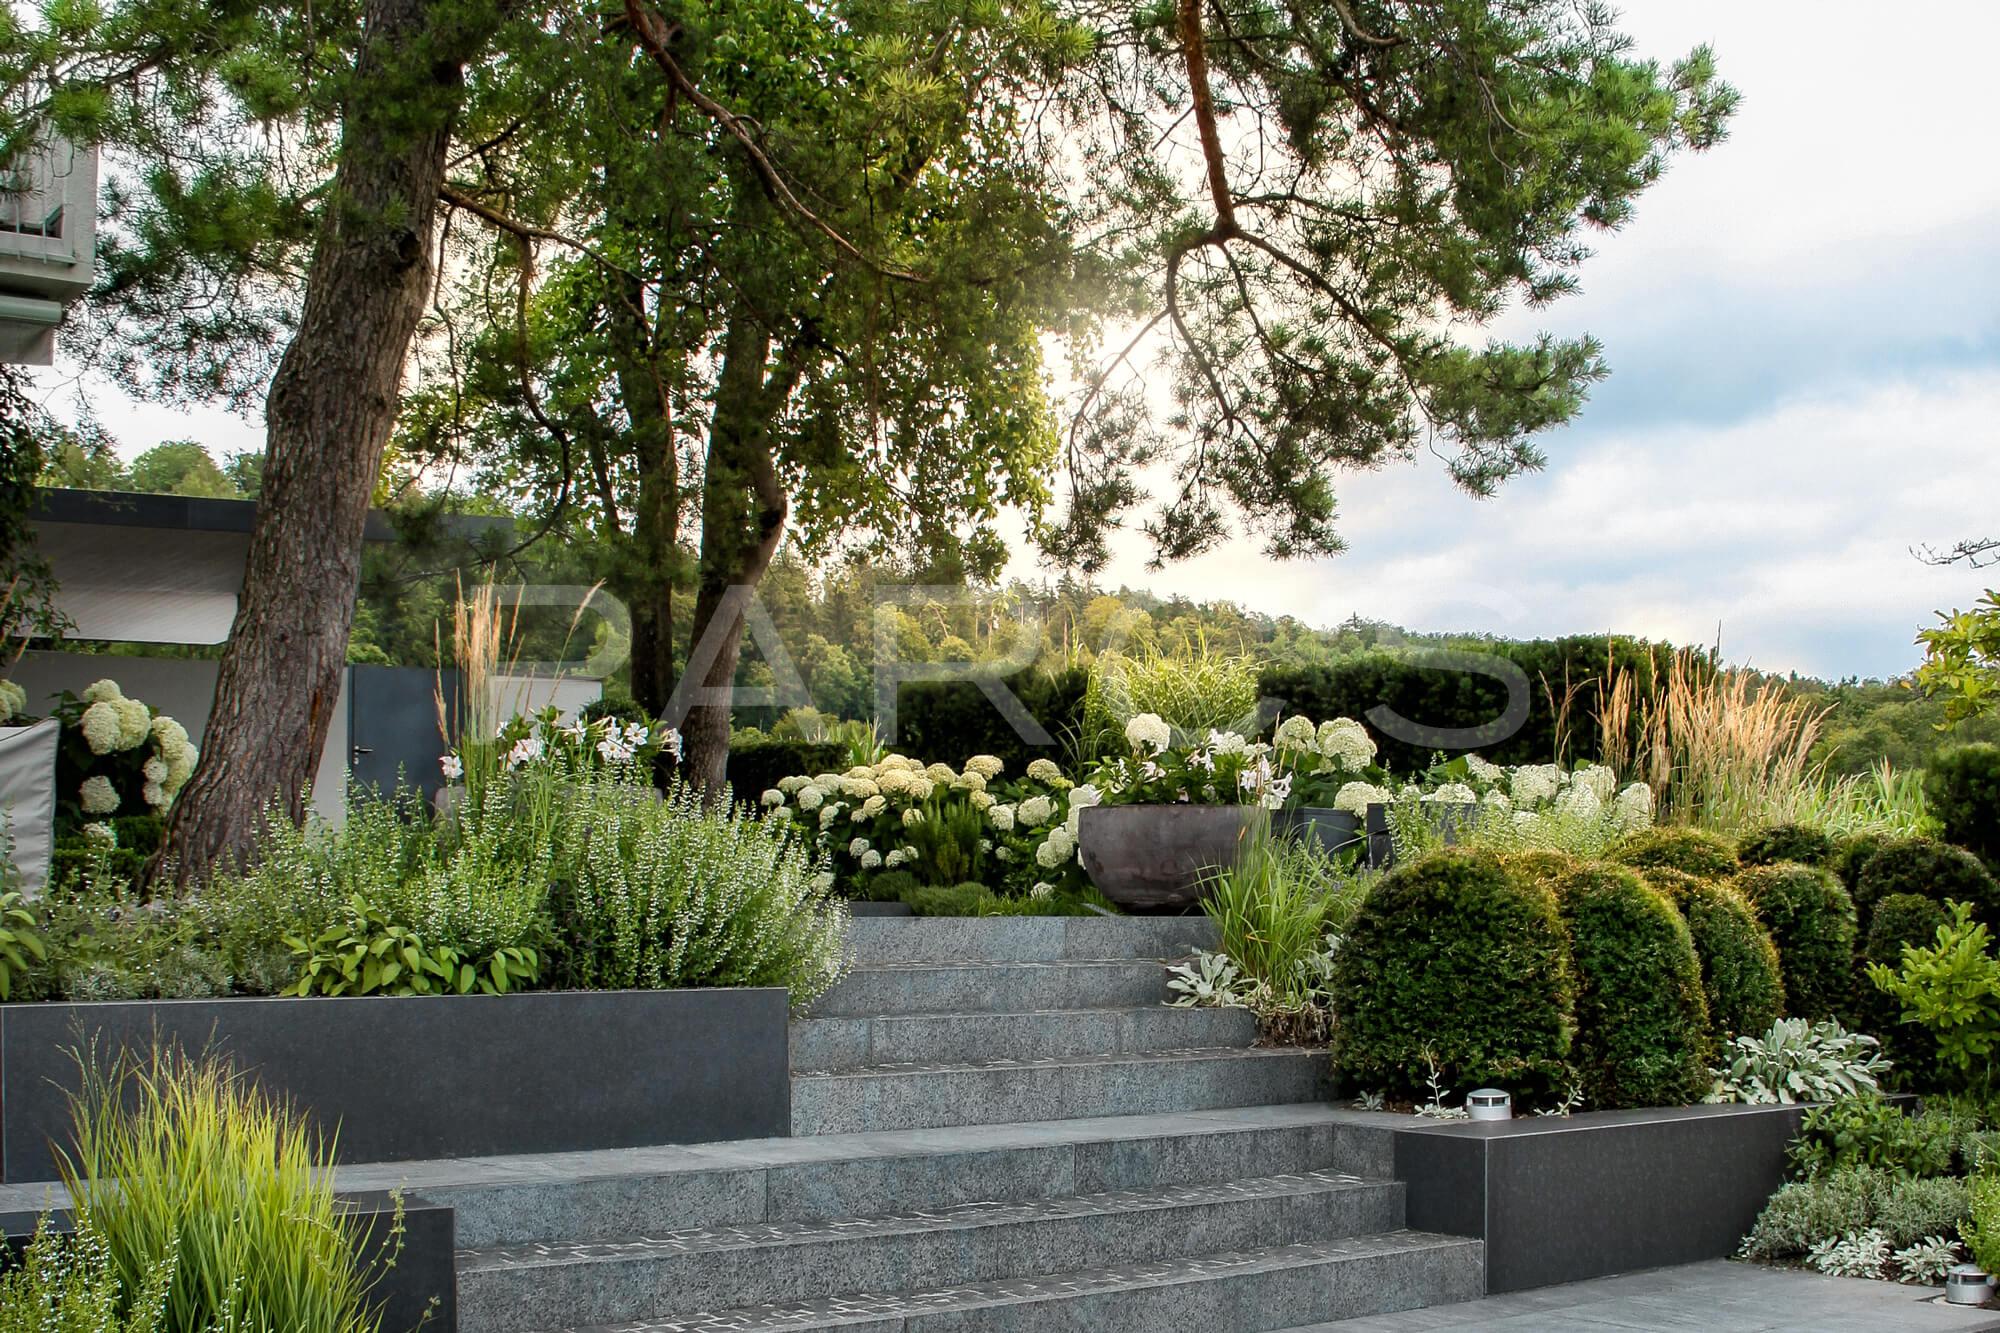 Pflanzplanung-Garten-Gartengestaltung-Komposition3-2